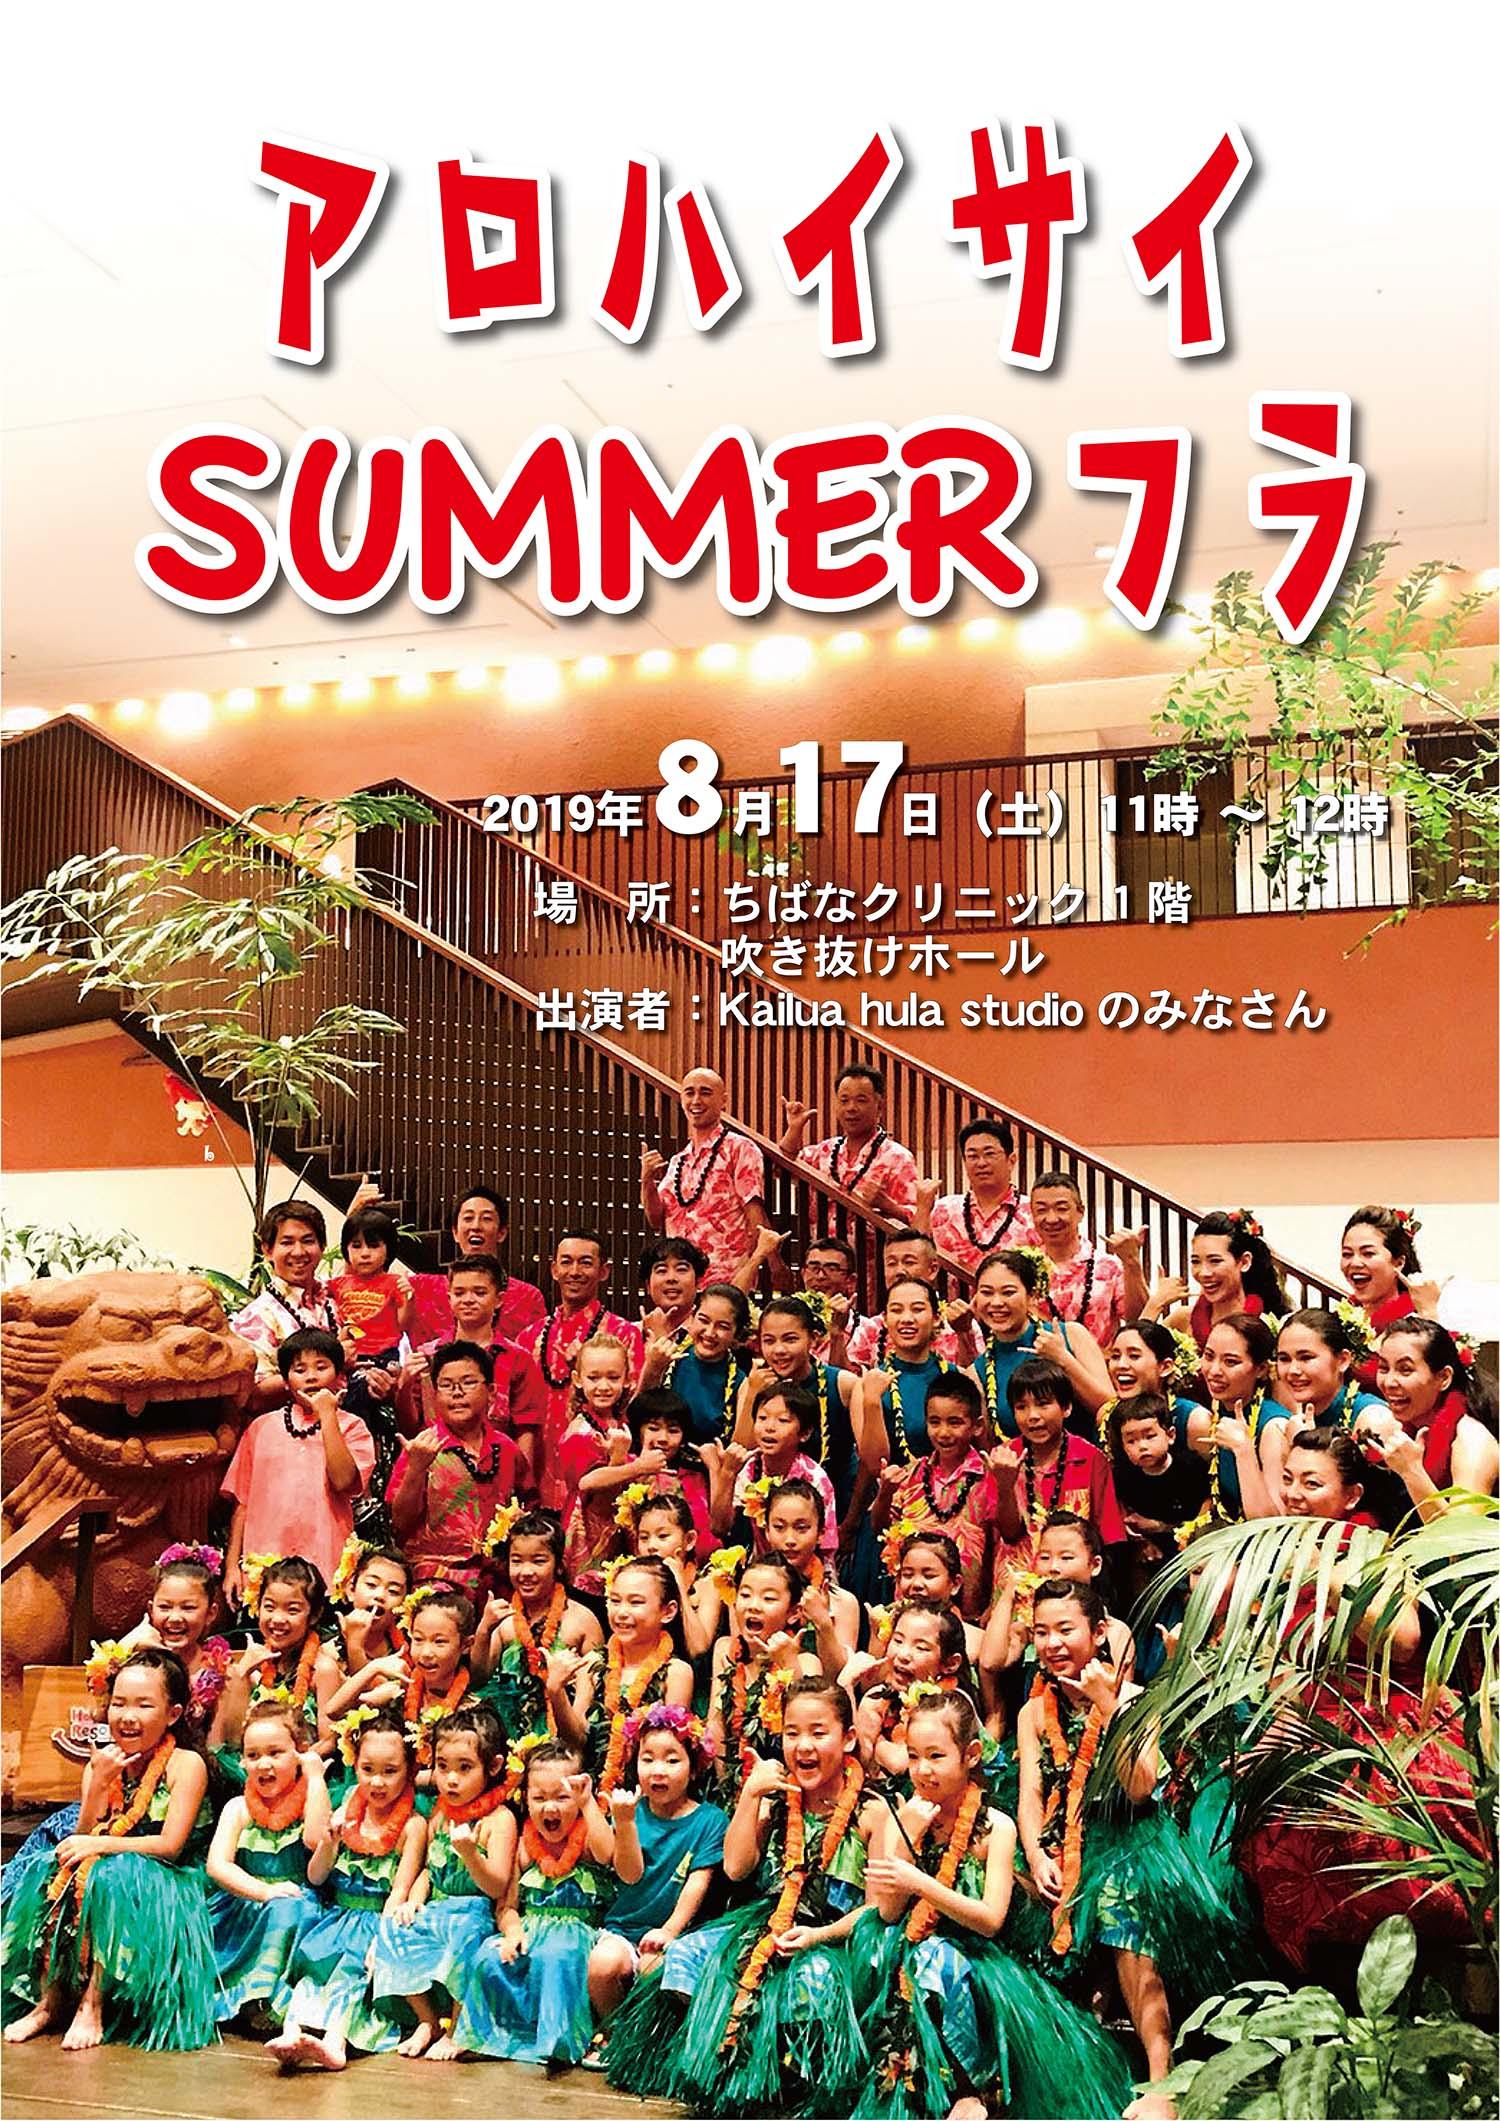 院内コンサート「アロハイサイ SUMMER フラ」